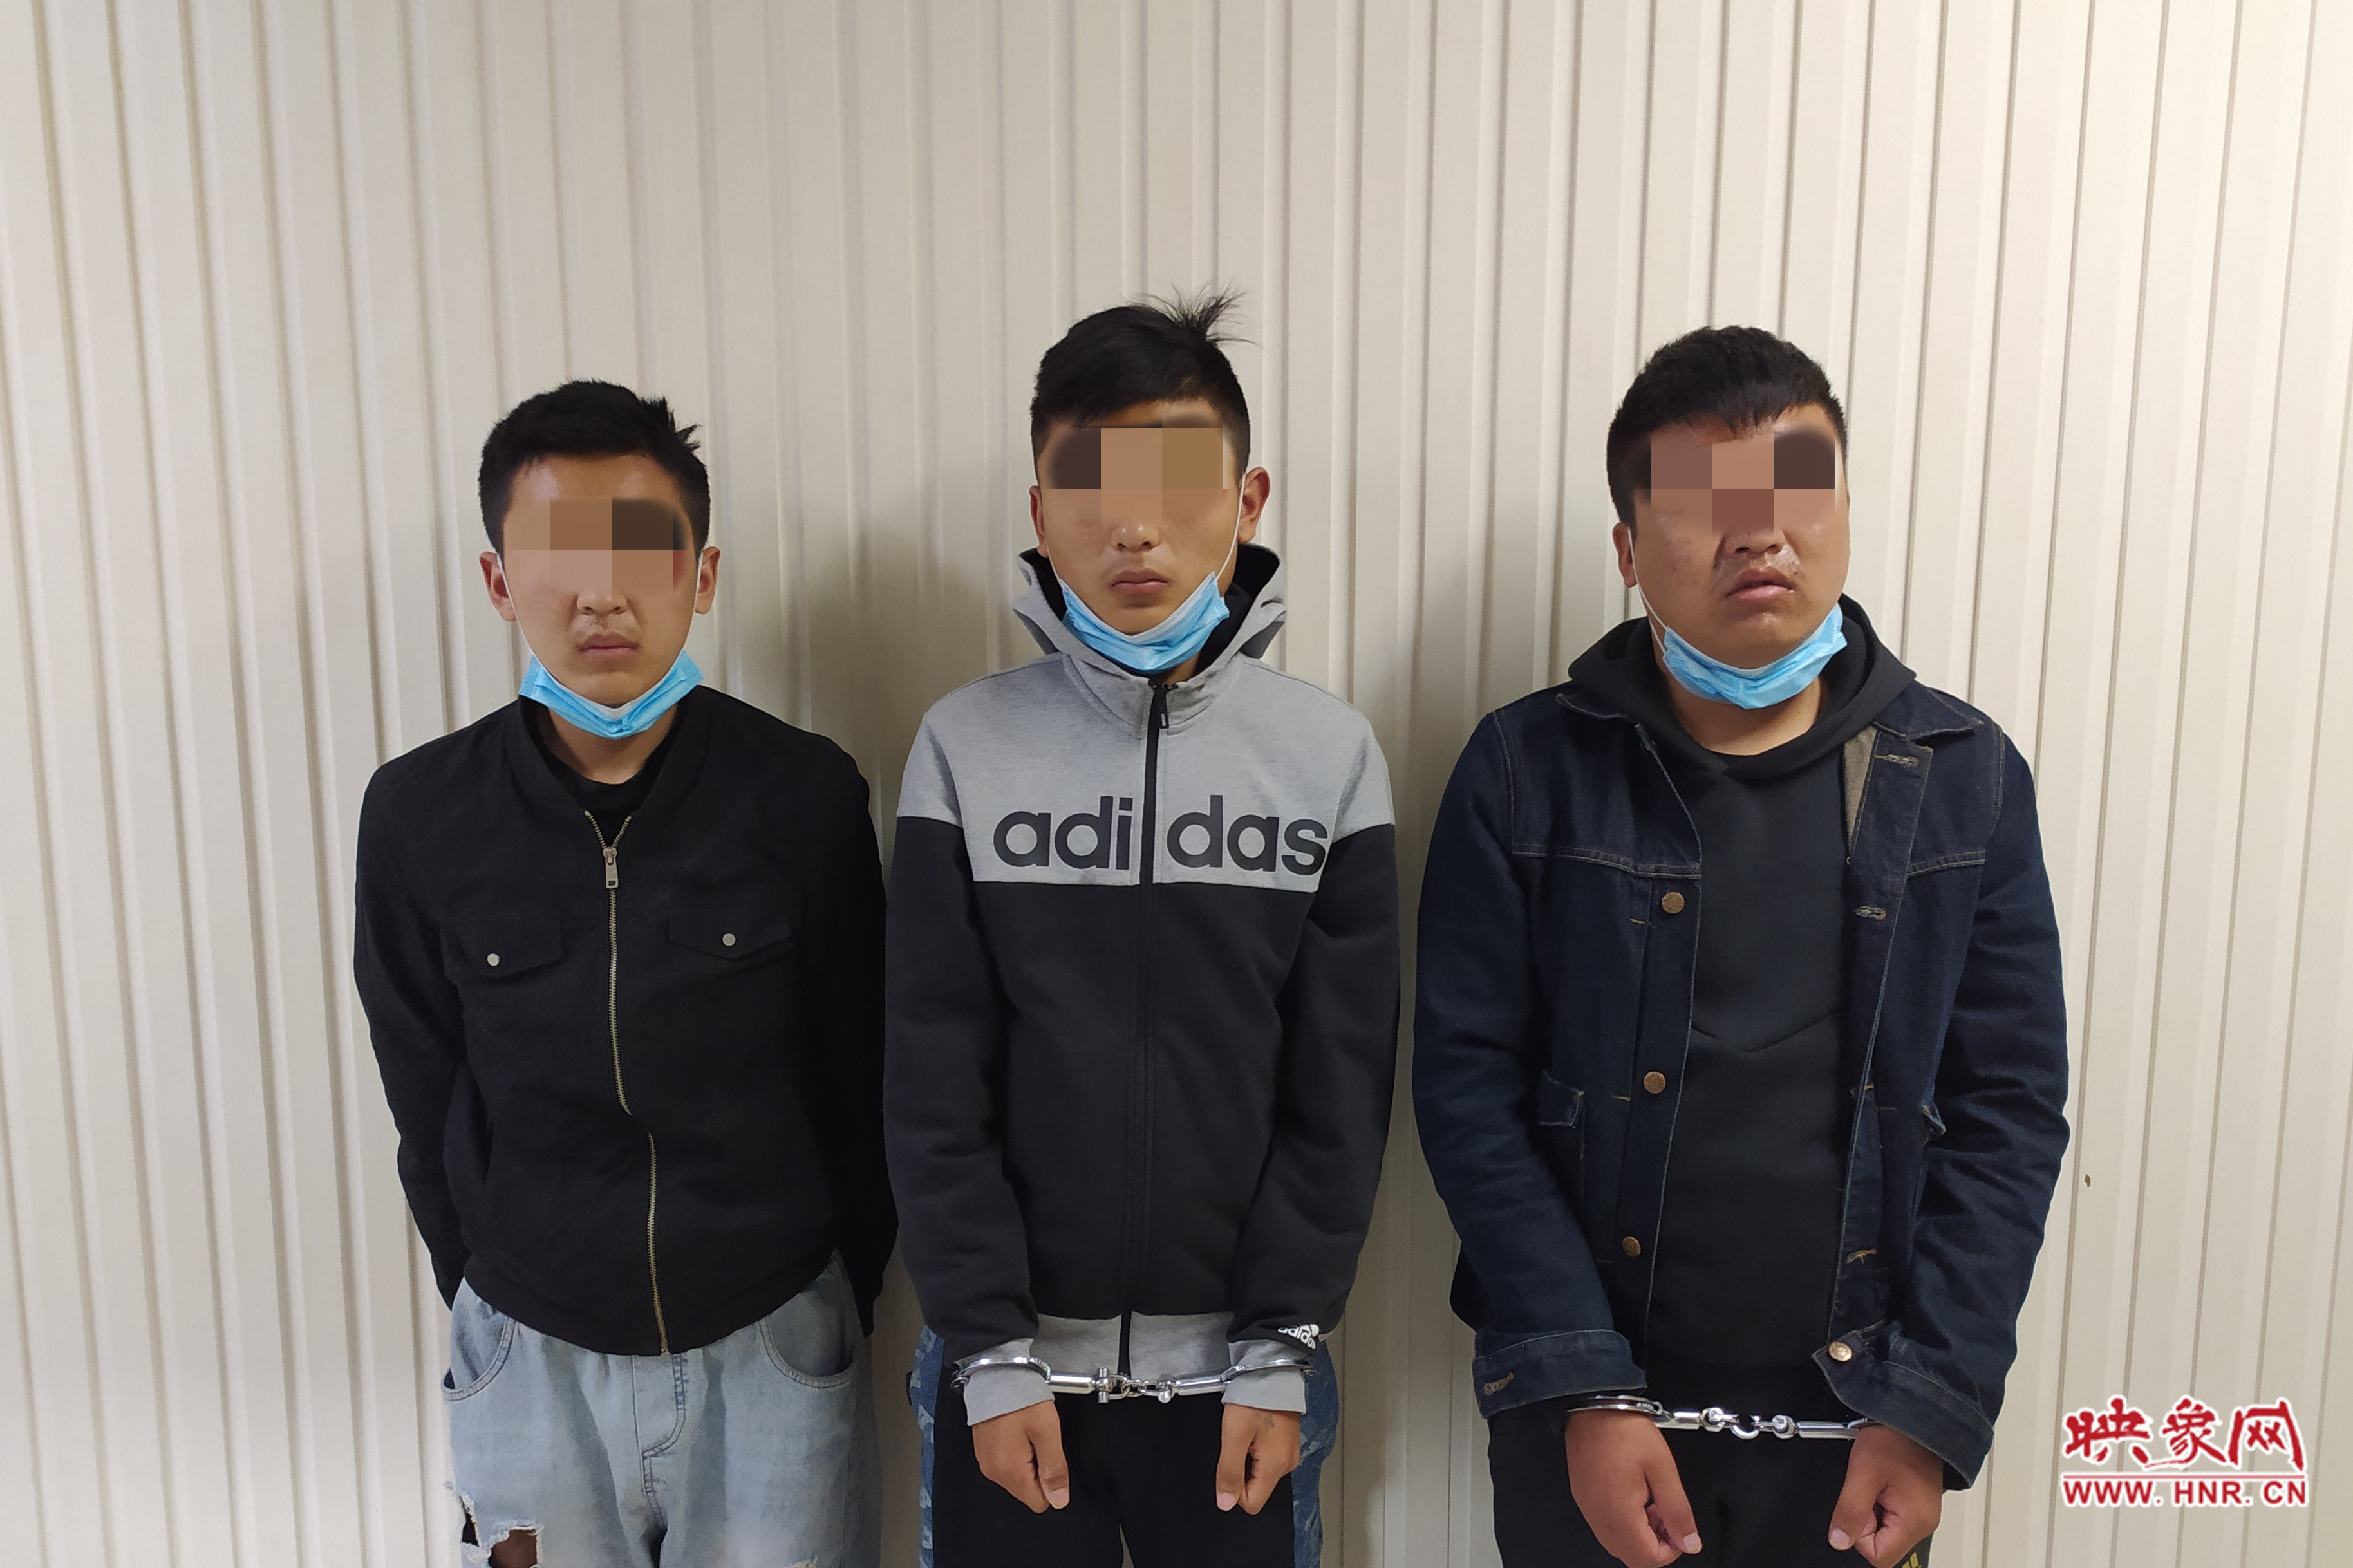 """三名男子组成""""铁三角组合""""行走全国盗窃 到郑州7天就被警方""""挽留"""""""